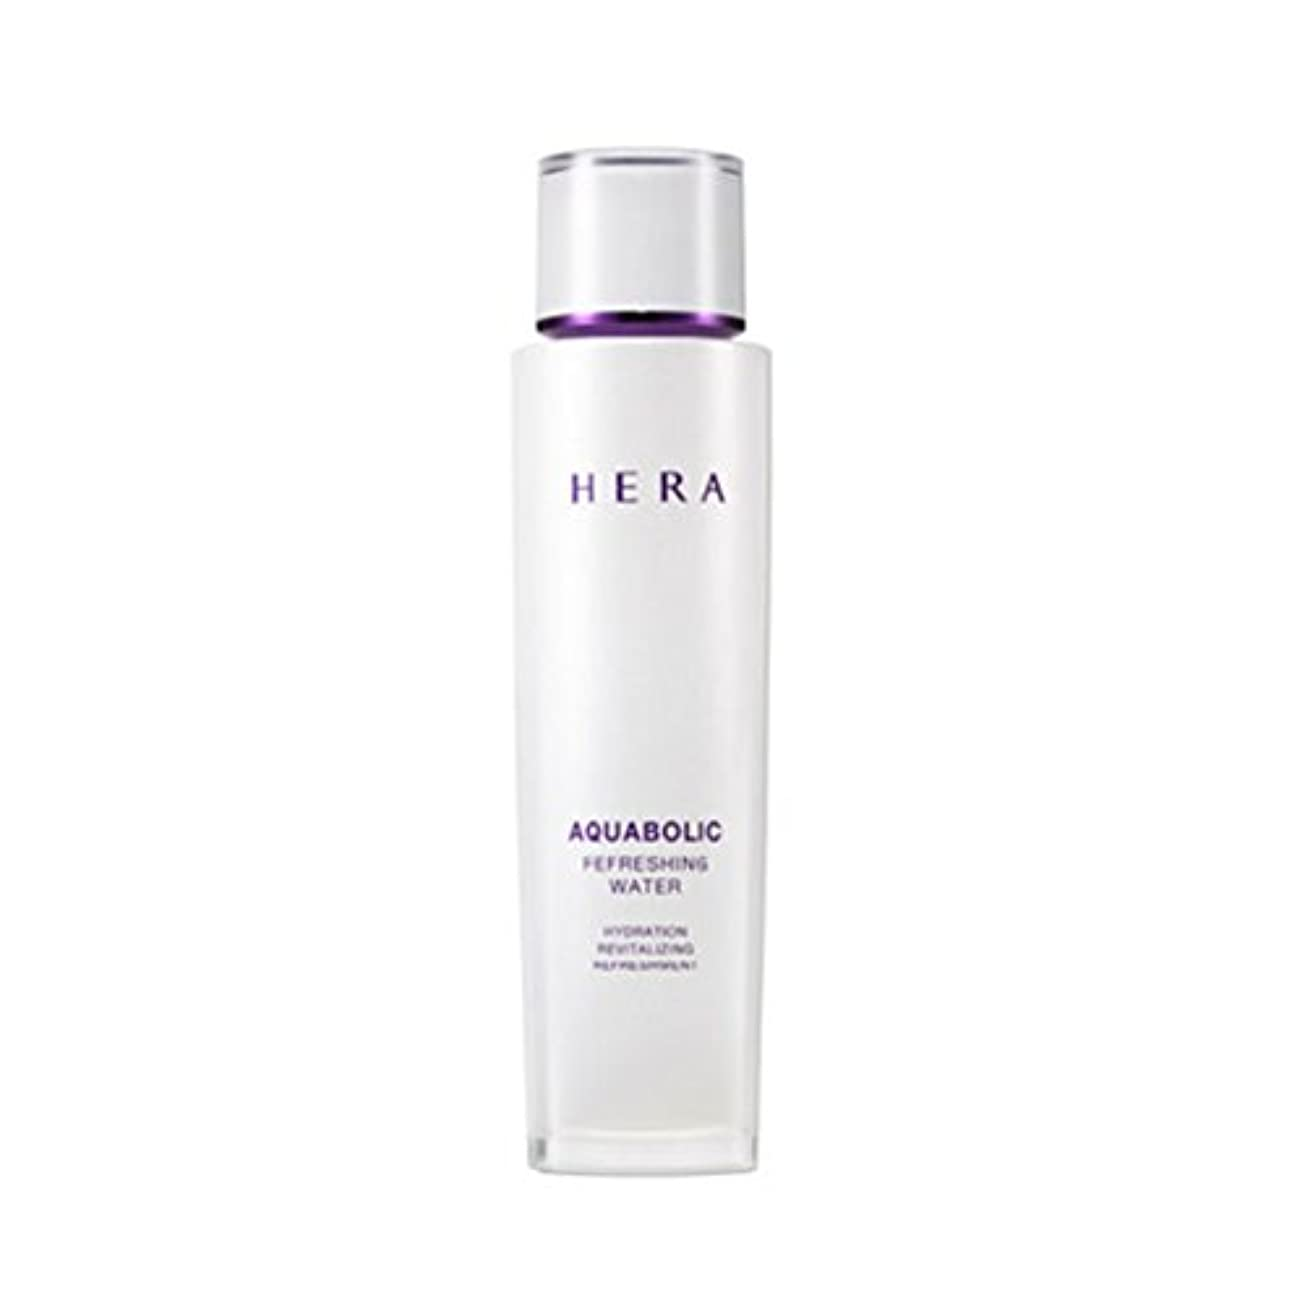 熱心トークン廊下(ヘラ) HERA Aquabolic Refreshing Water アクアボリックリフレッシュウォーター (韓国直発送) oopspanda